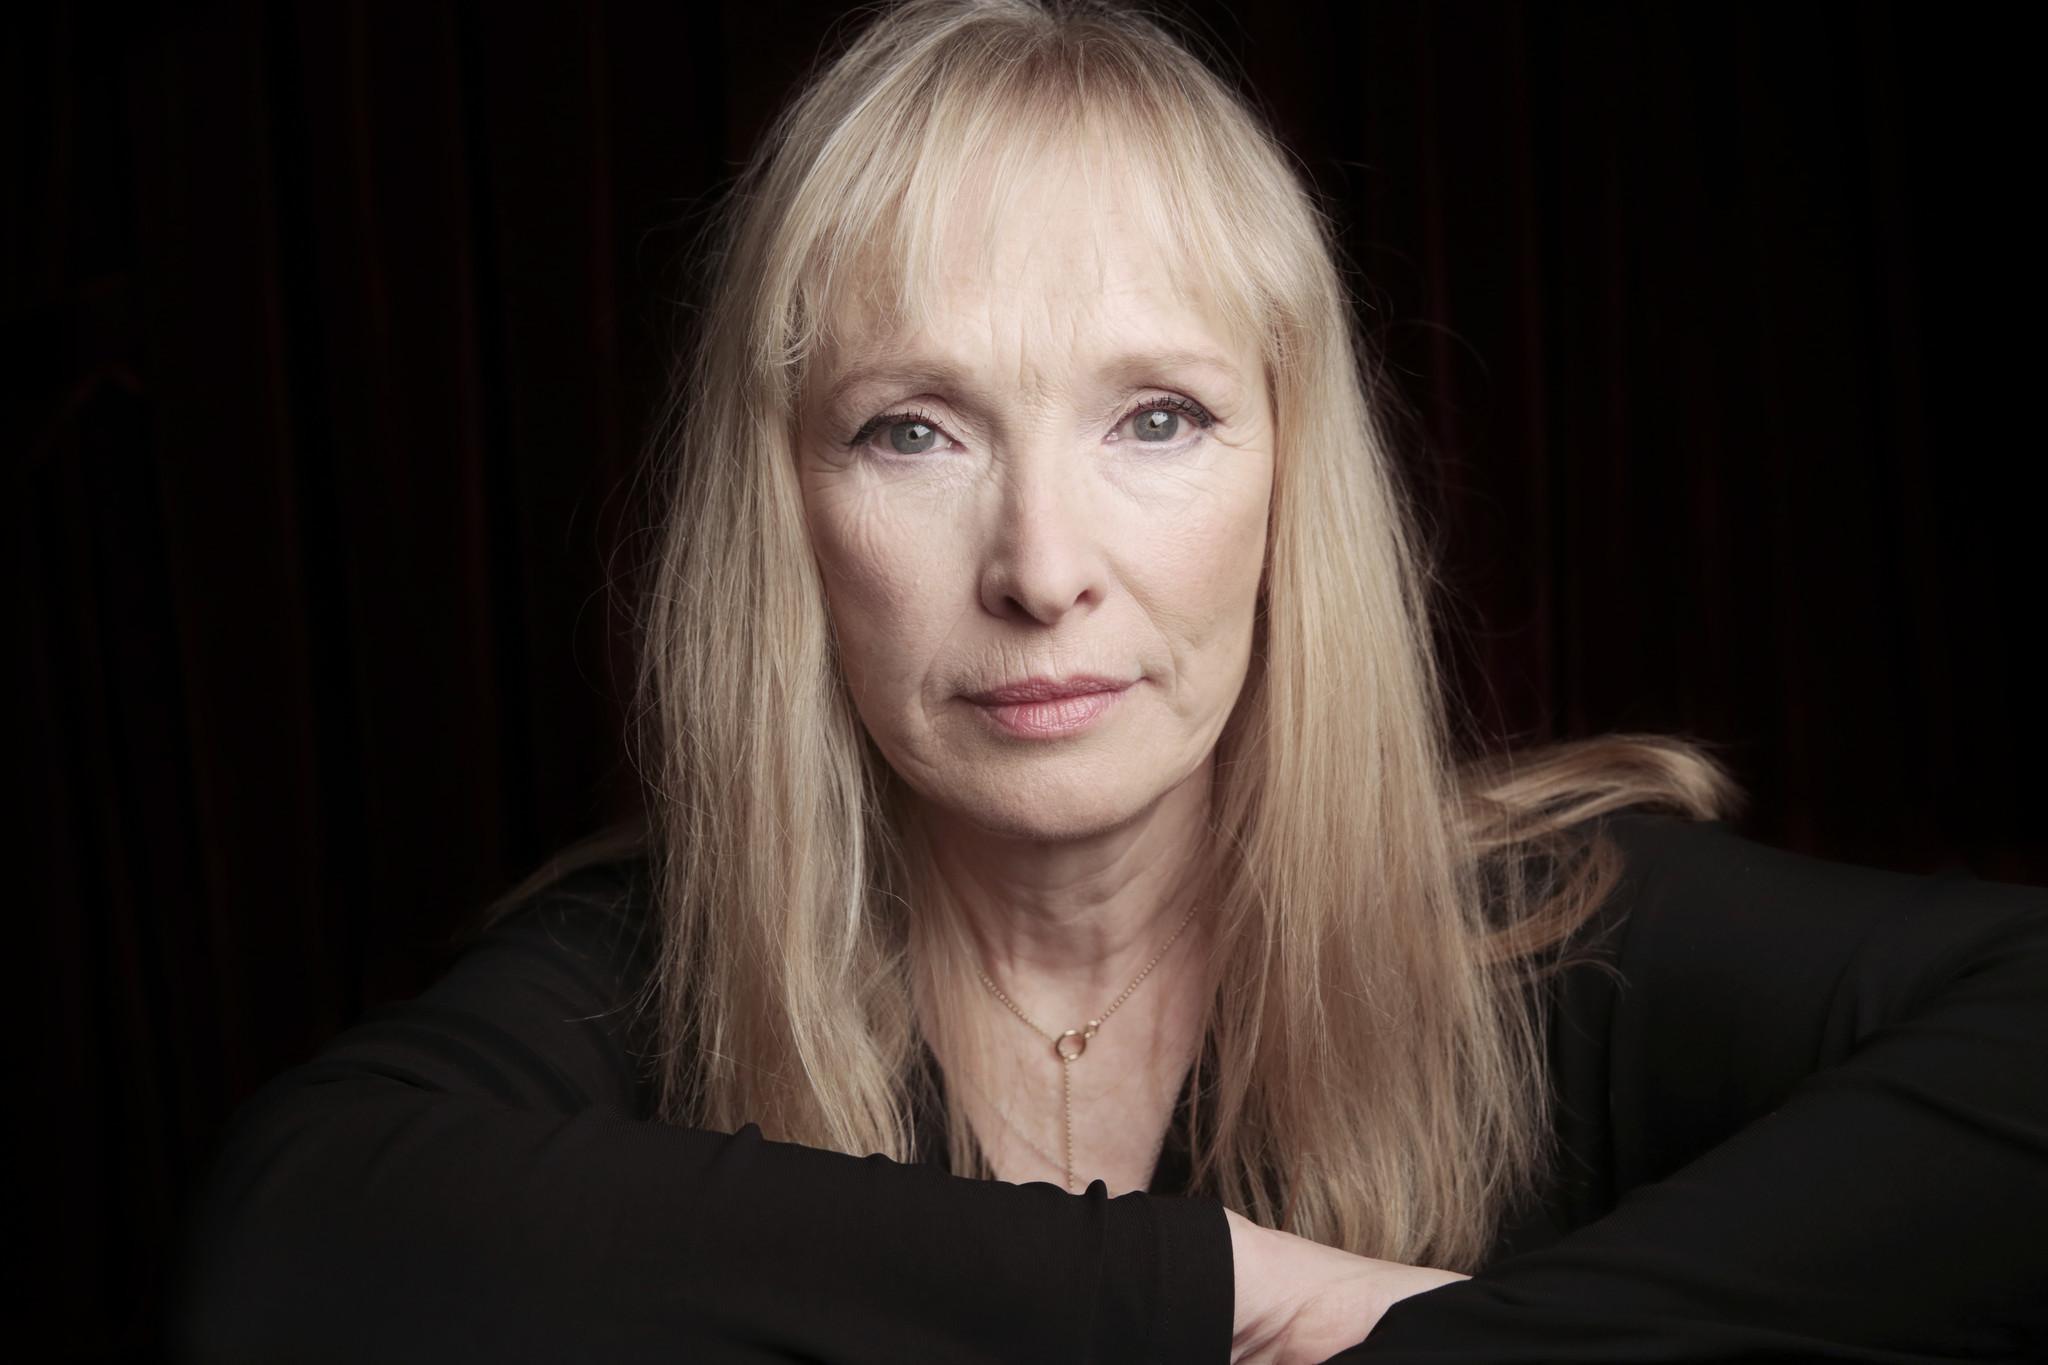 Lindsey Duncan est connu des fans de séries britanniques pour ses rôles  dans Doctor Who et Sherlock. Elle a aussi joué dans Pour une nuit d'amour,  ...